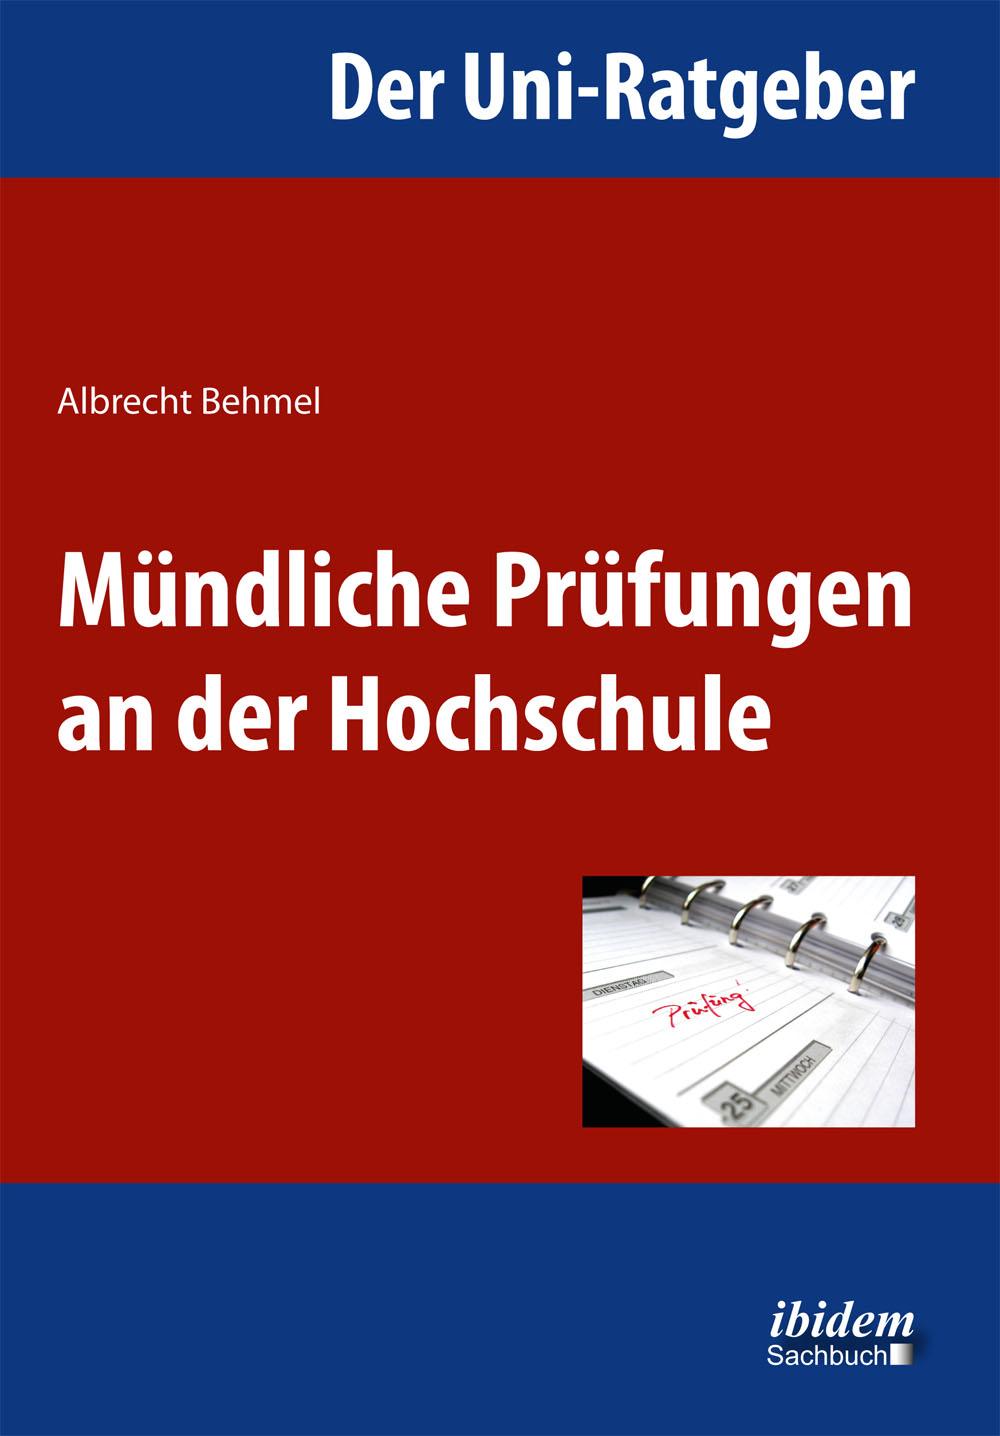 Albrecht Behmel / Der Uni-Ratgeber: Mündliche Prüfungen an d ... 9783838204277